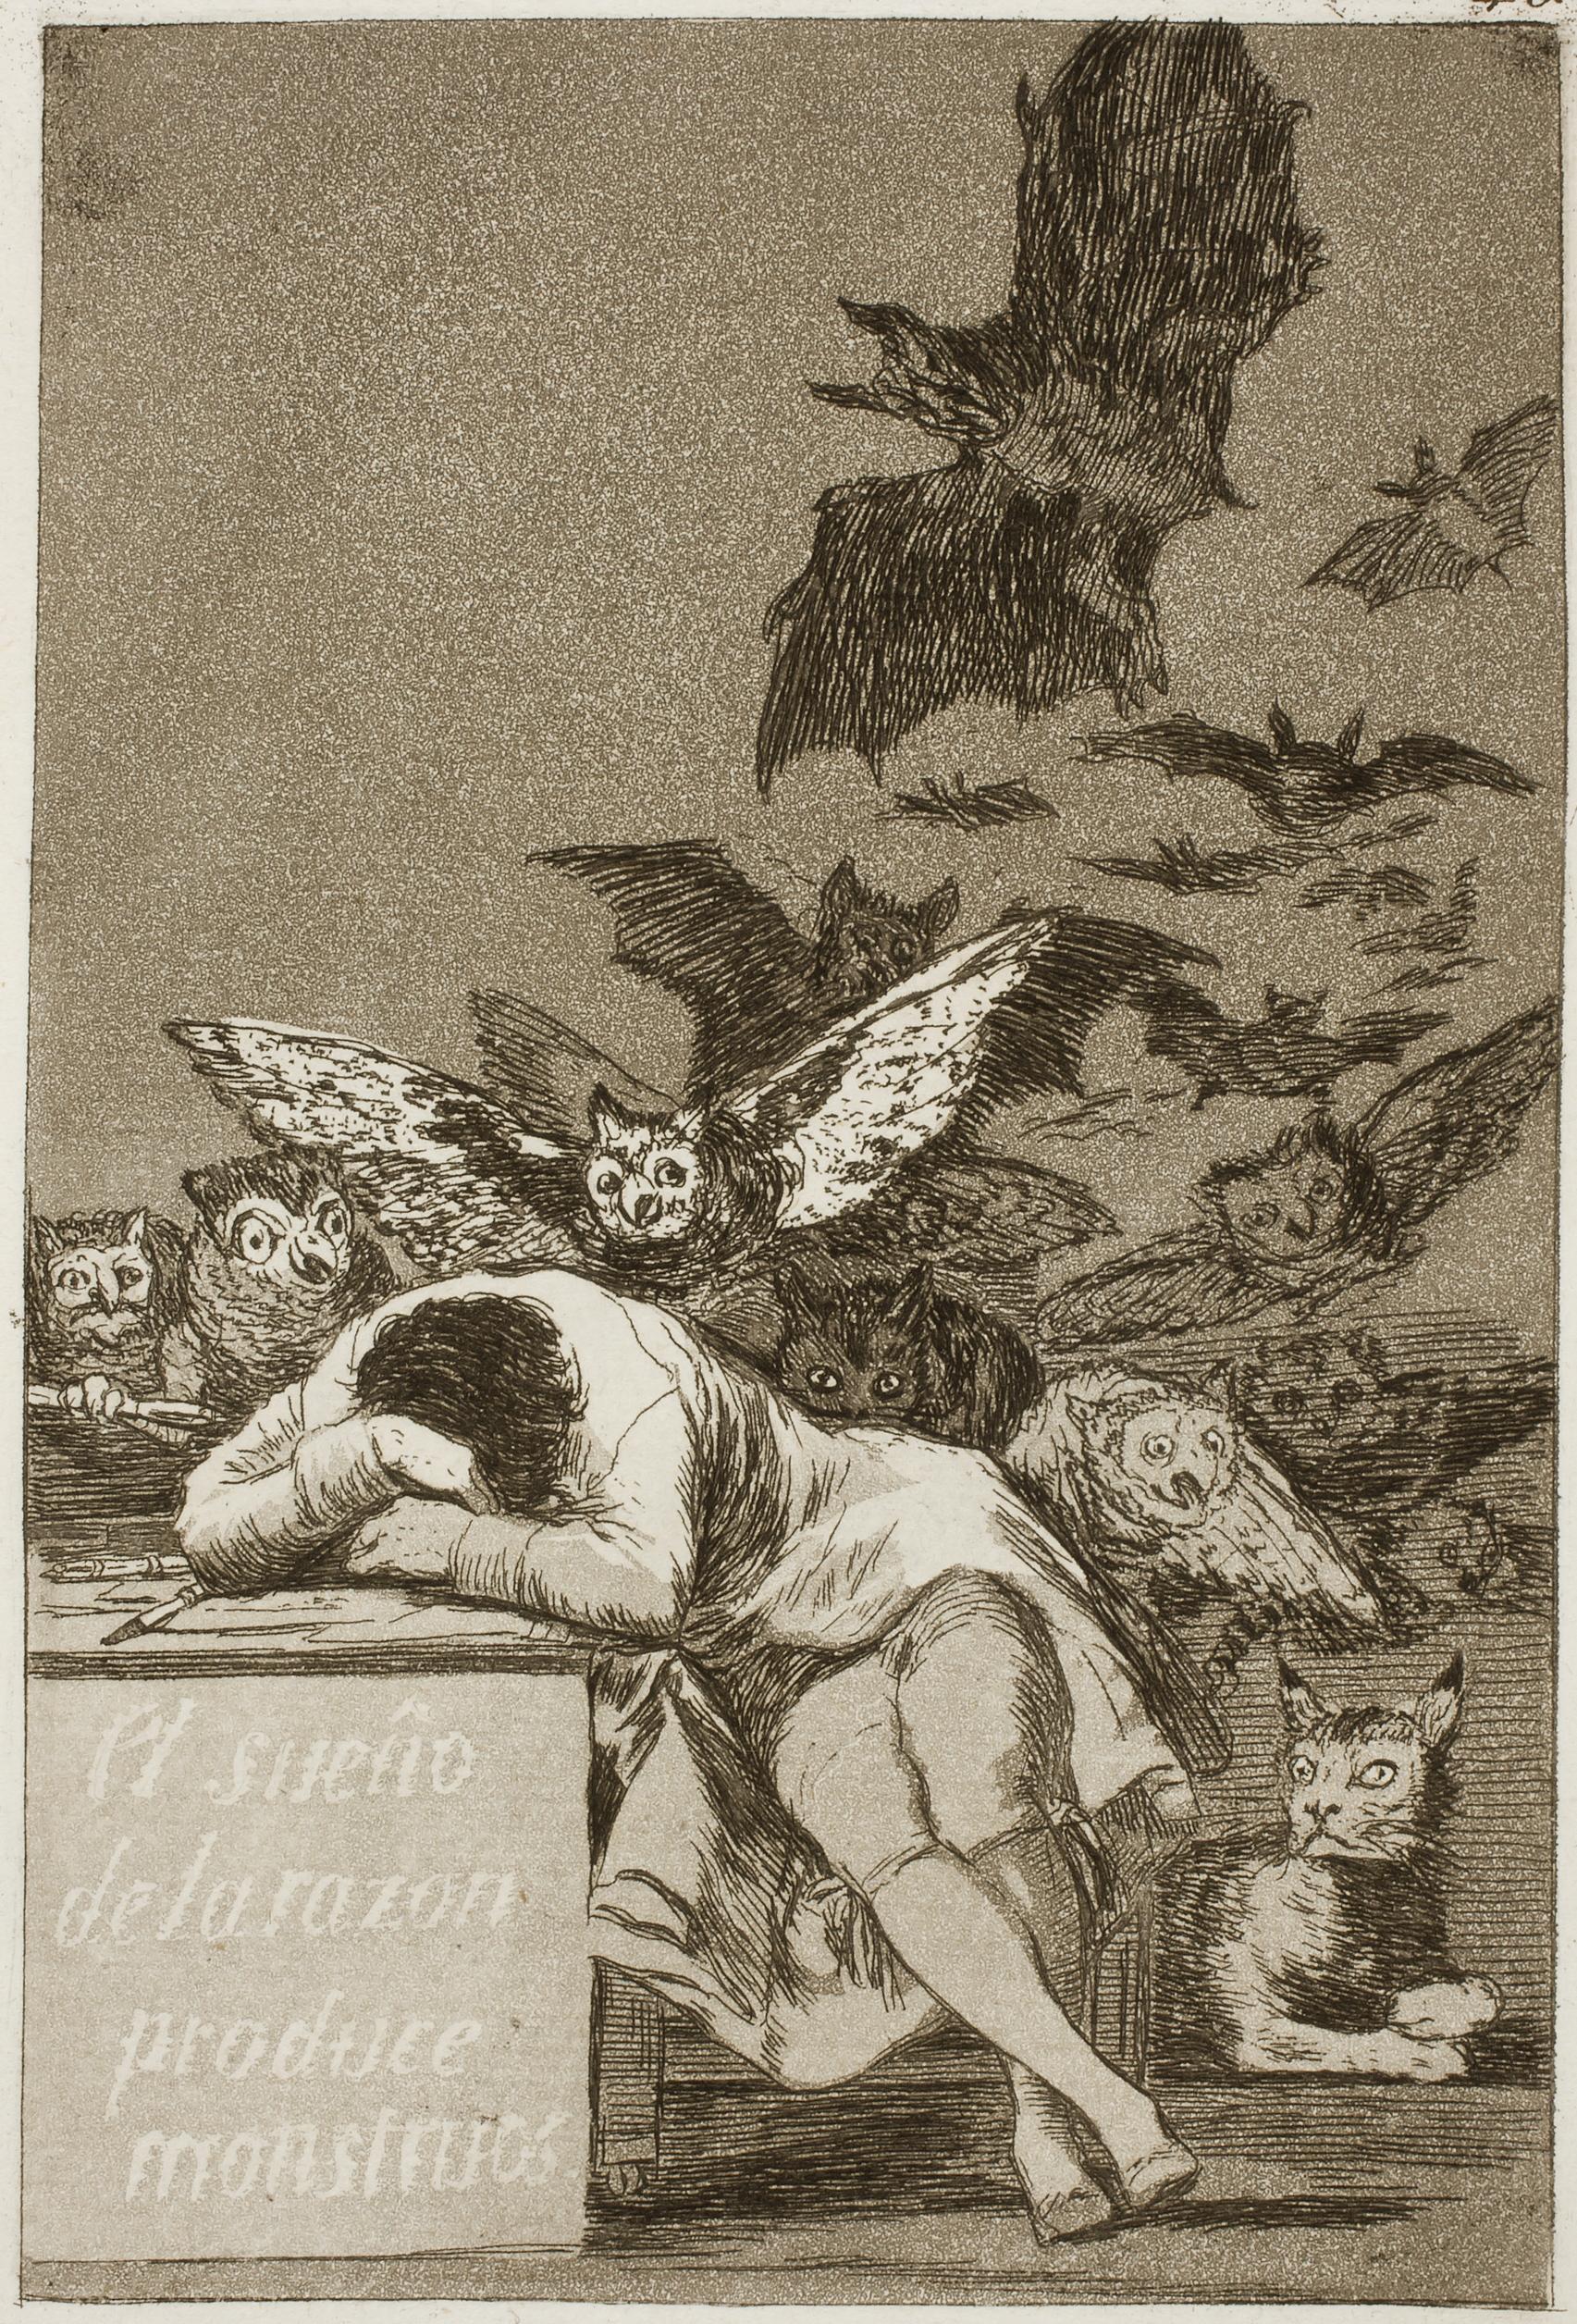 Francisco Goya [Public domain], via Wikimedia Commons